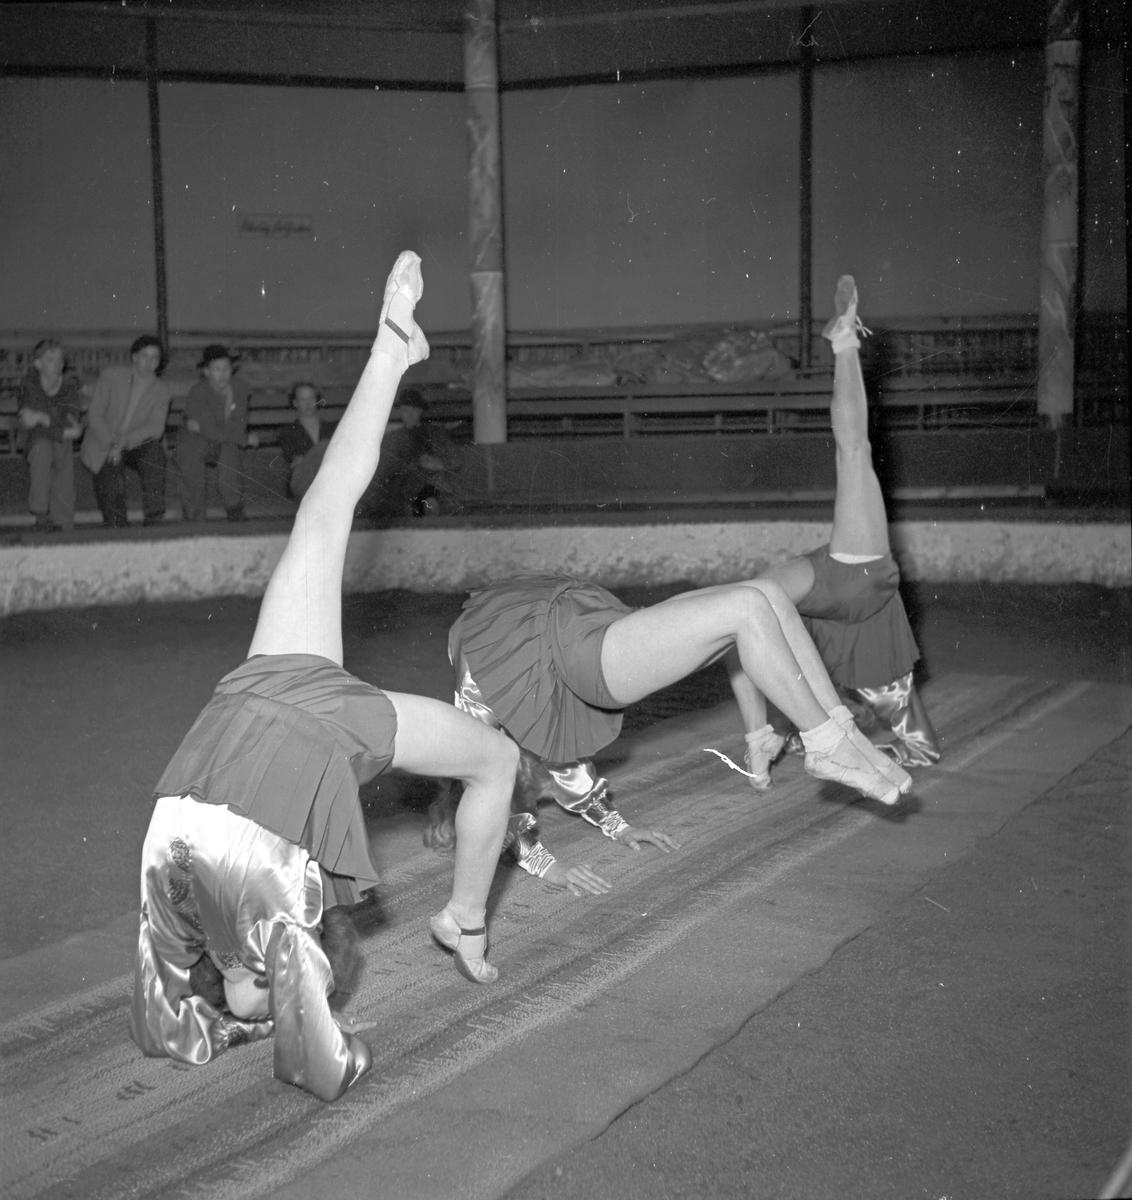 Furuviksparken invigdes pingstdagen 1936.  Cirkusbyggnaden Teater-Cirkus med cirka 600 platser, uppförd 1940.